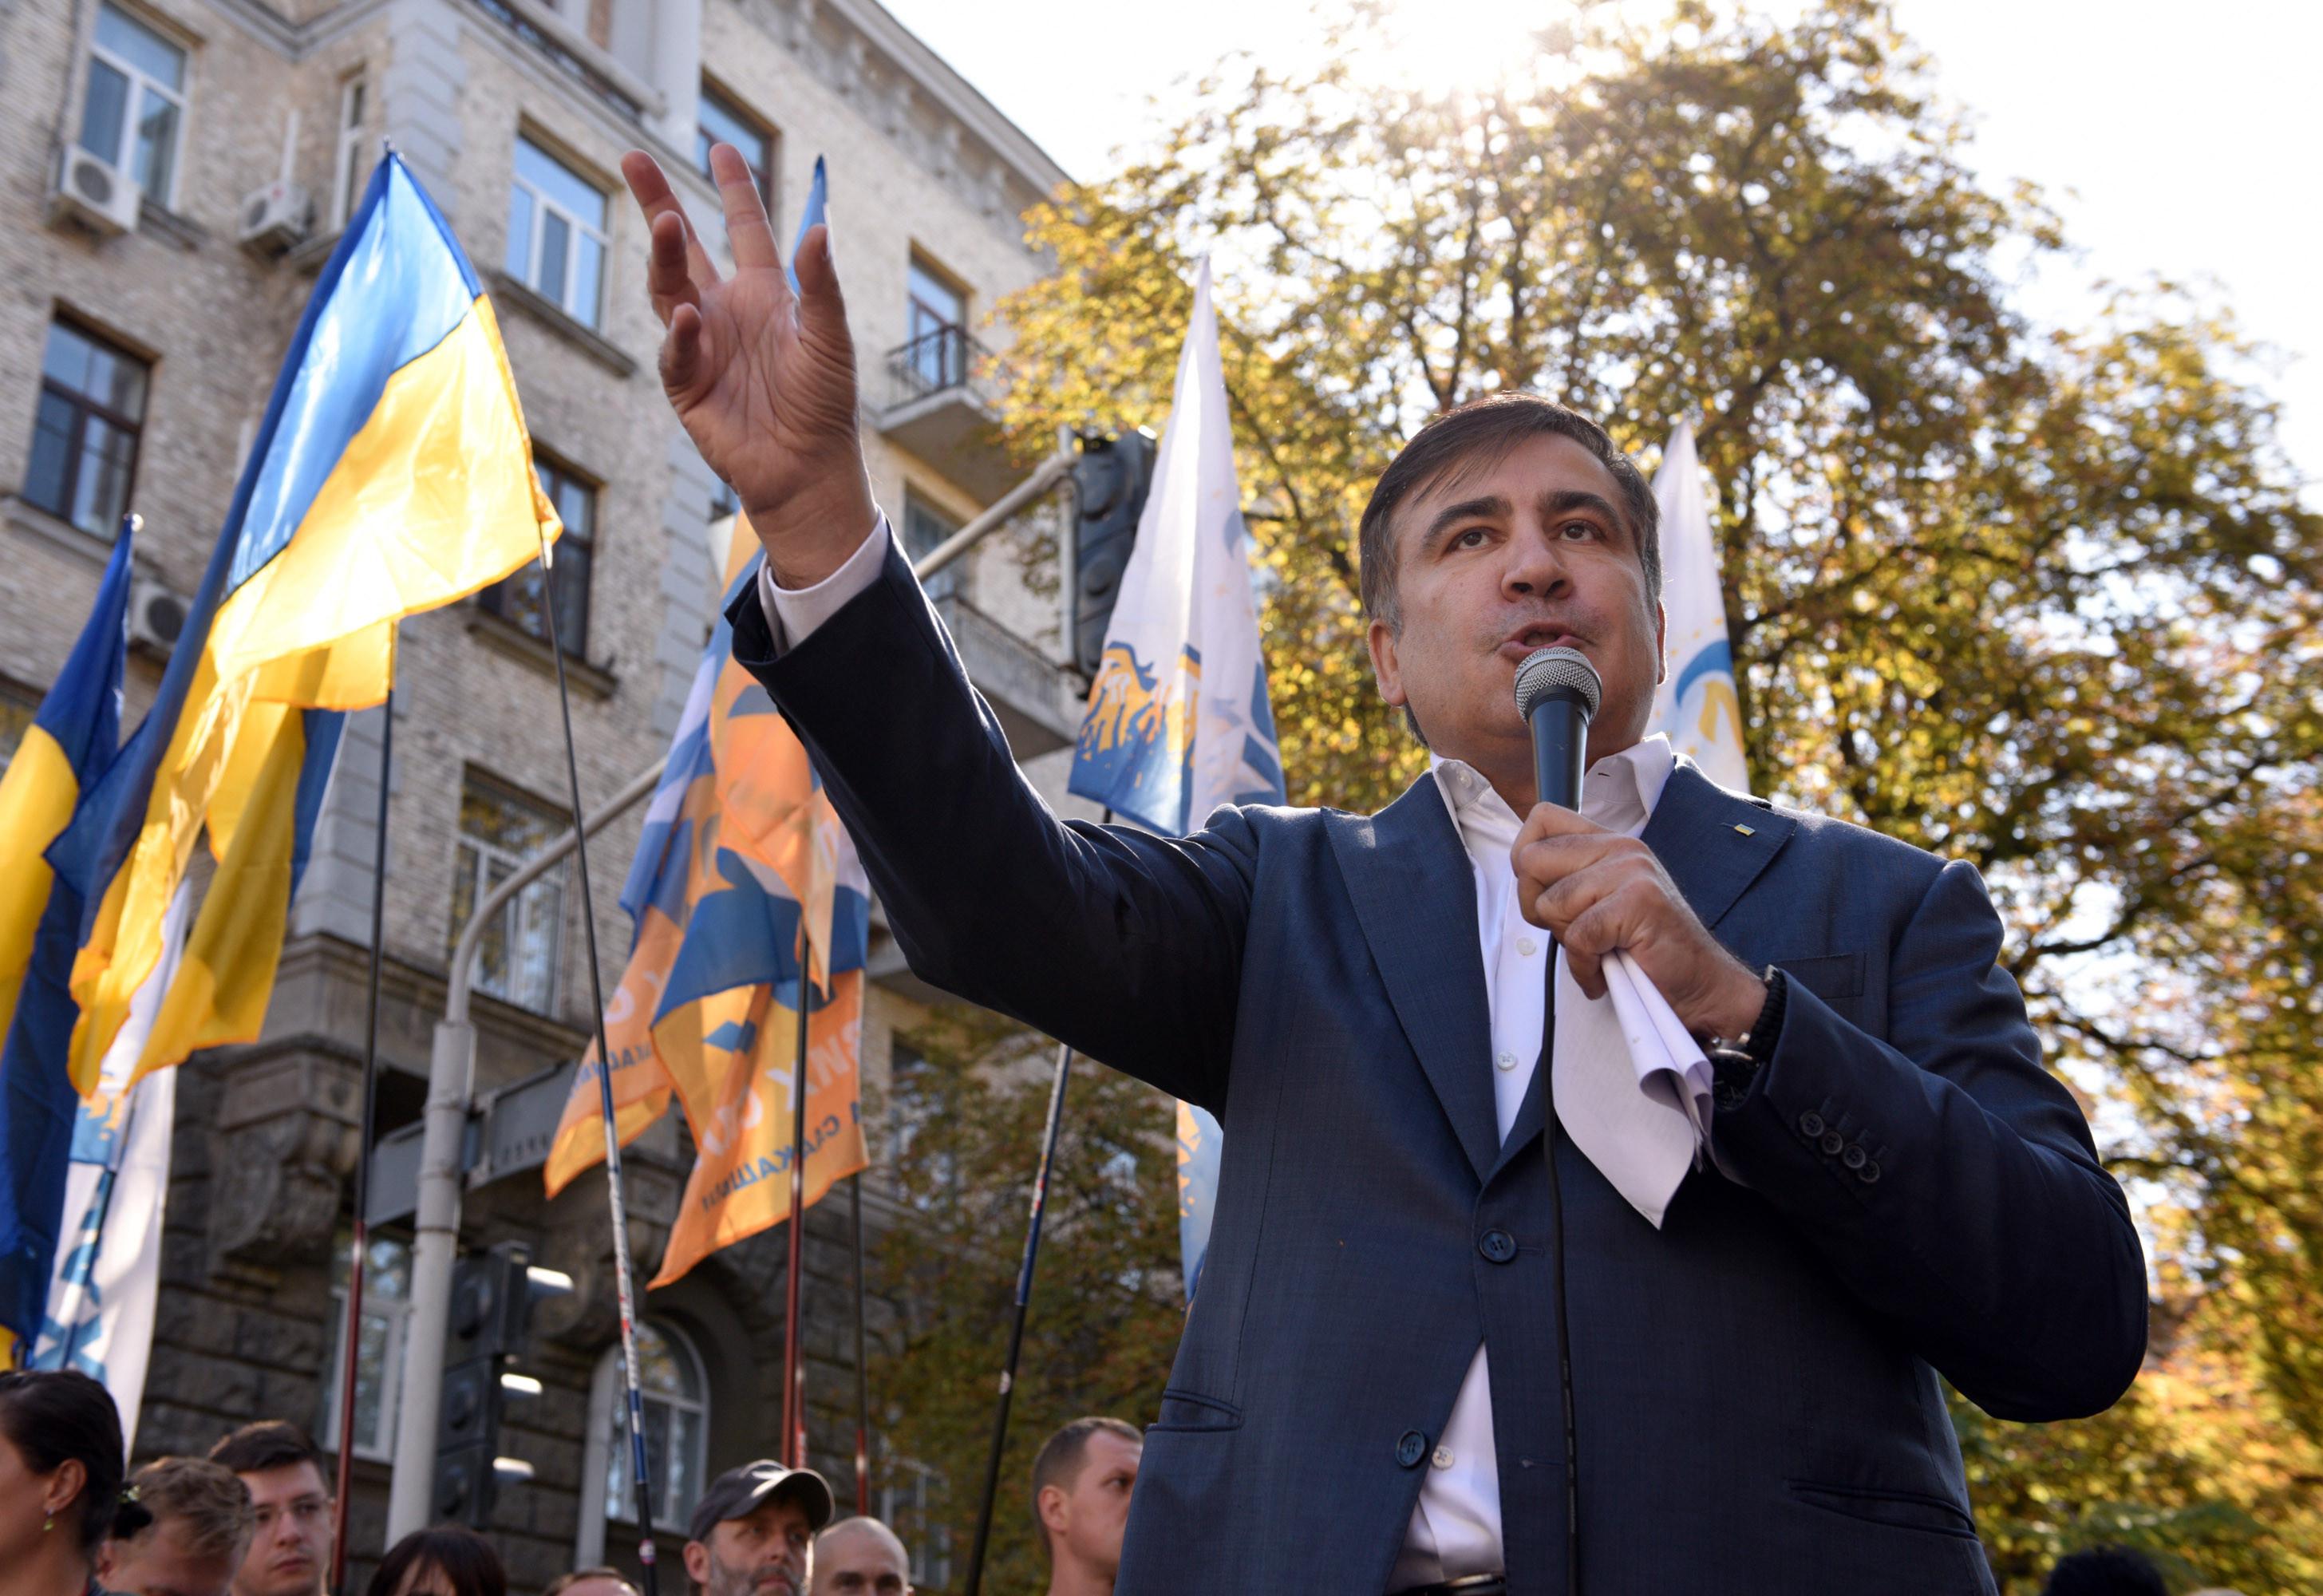 <p><span>Бывший президент Грузии, экс-губернатор Одесской области Михаил Саакашвили.&nbsp;Фото &copy; РИА Новости</span></p>